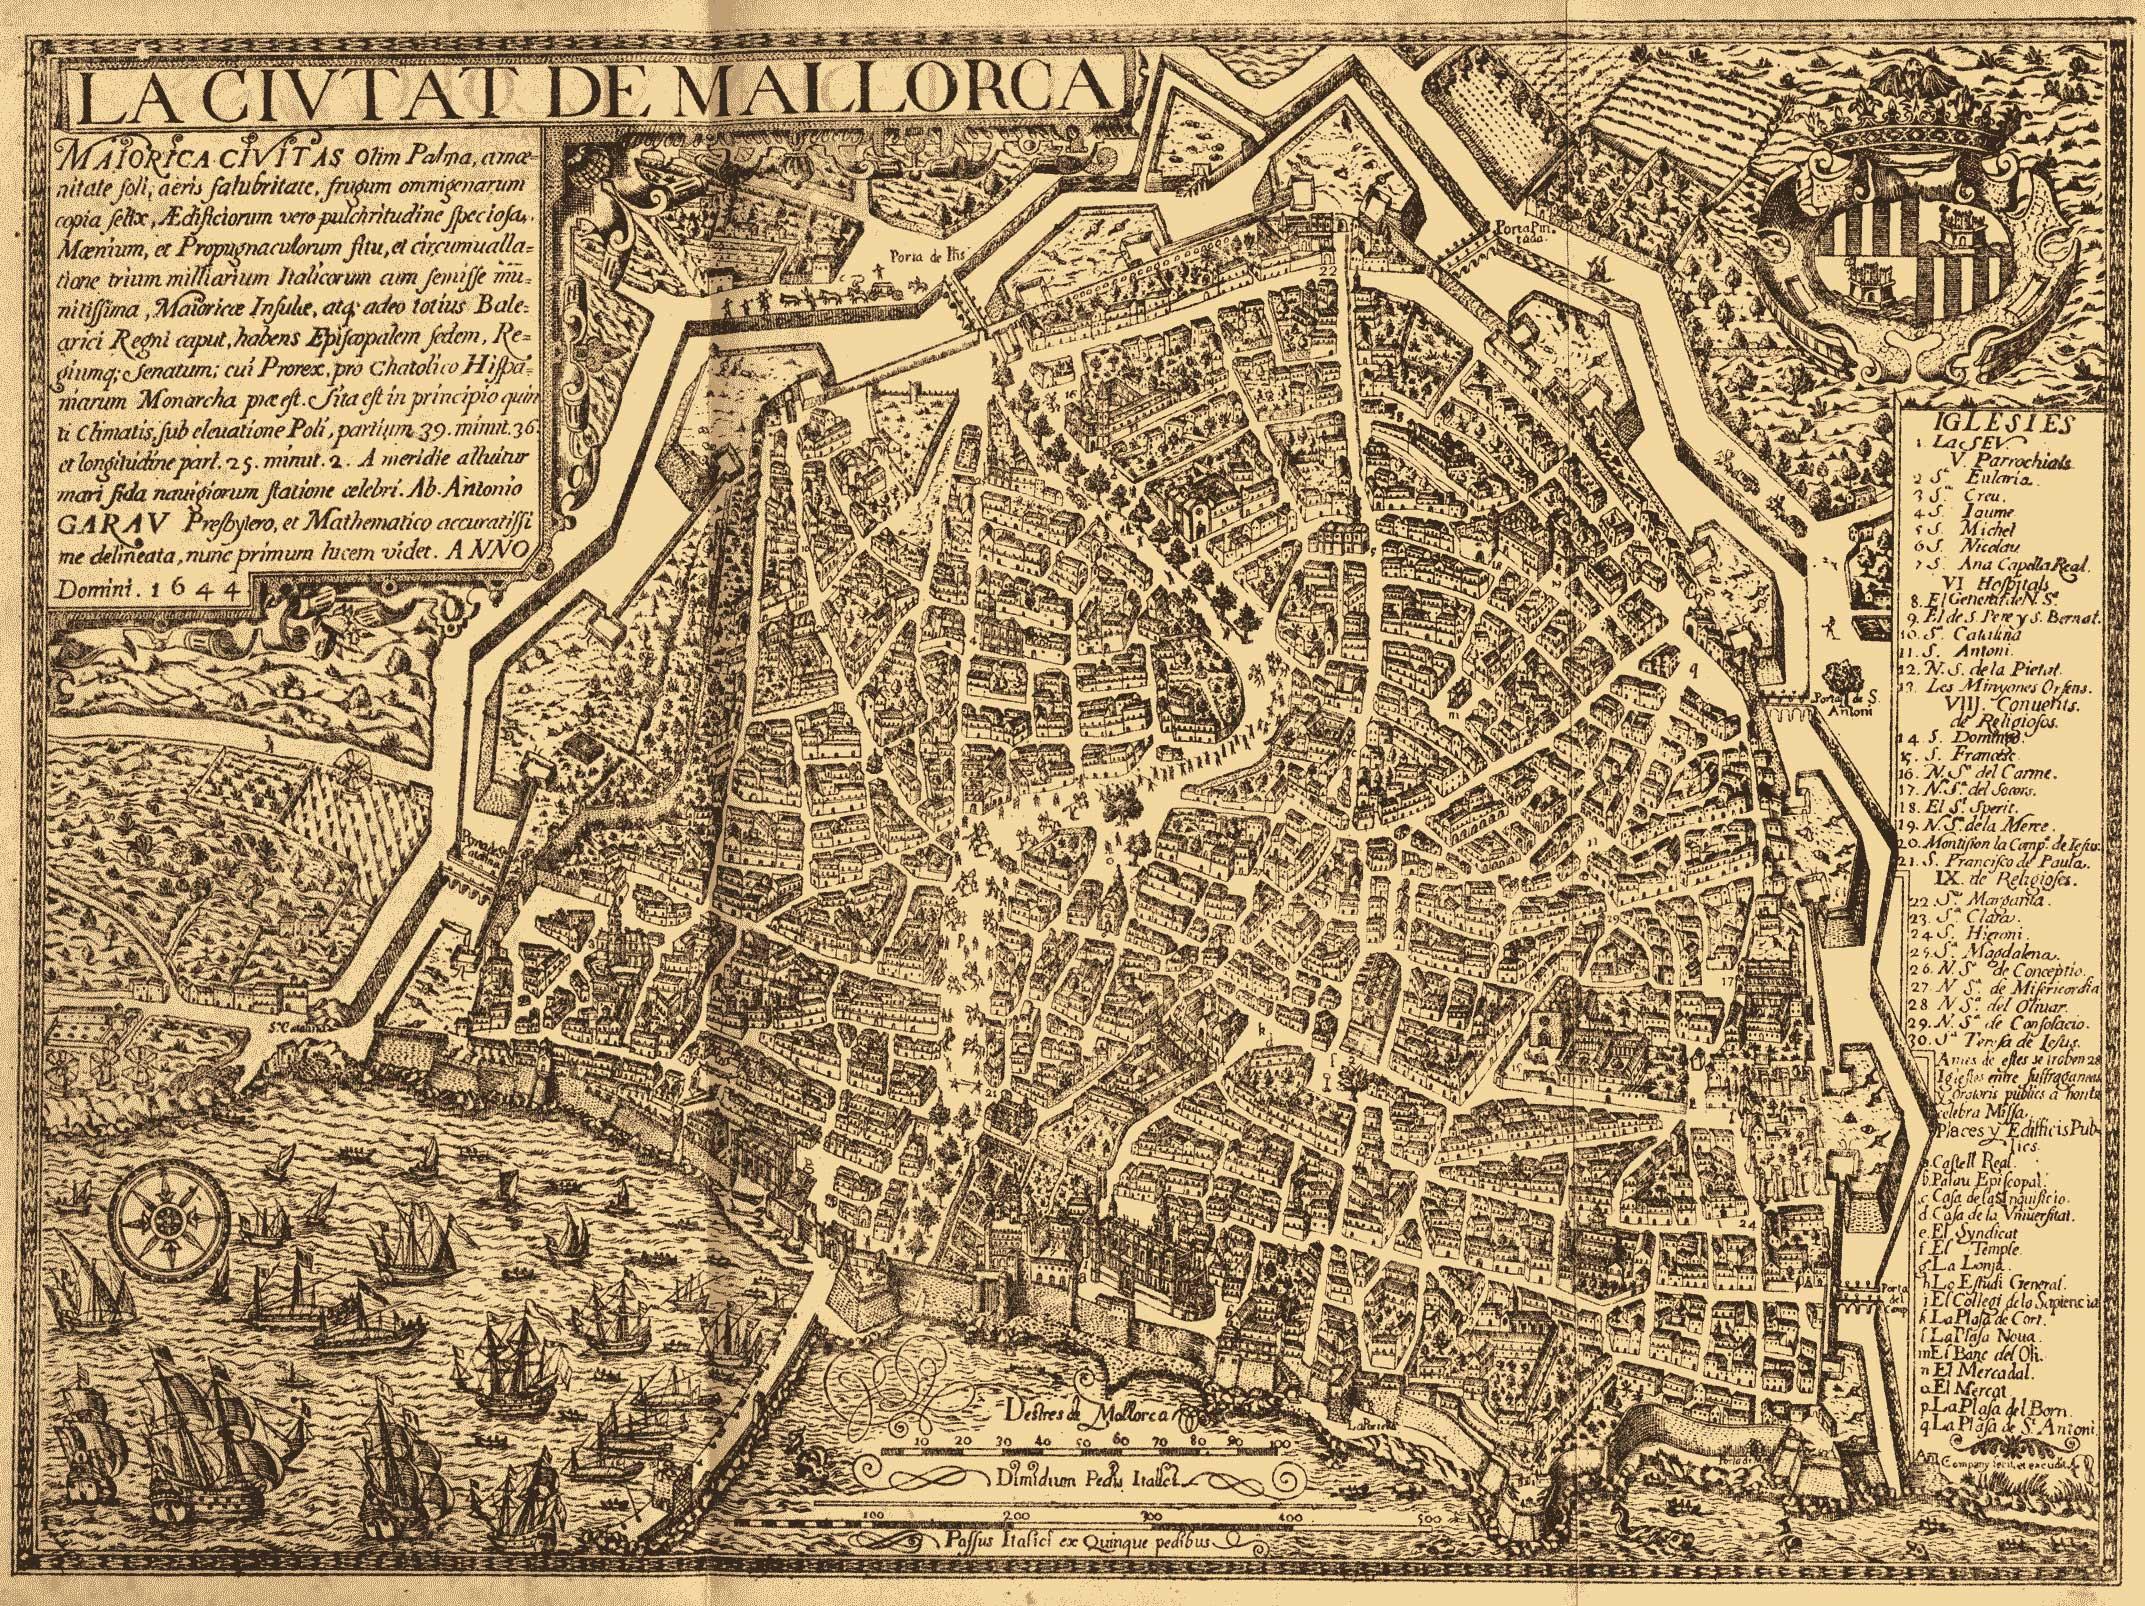 La Ciutat de Mallorca 1644